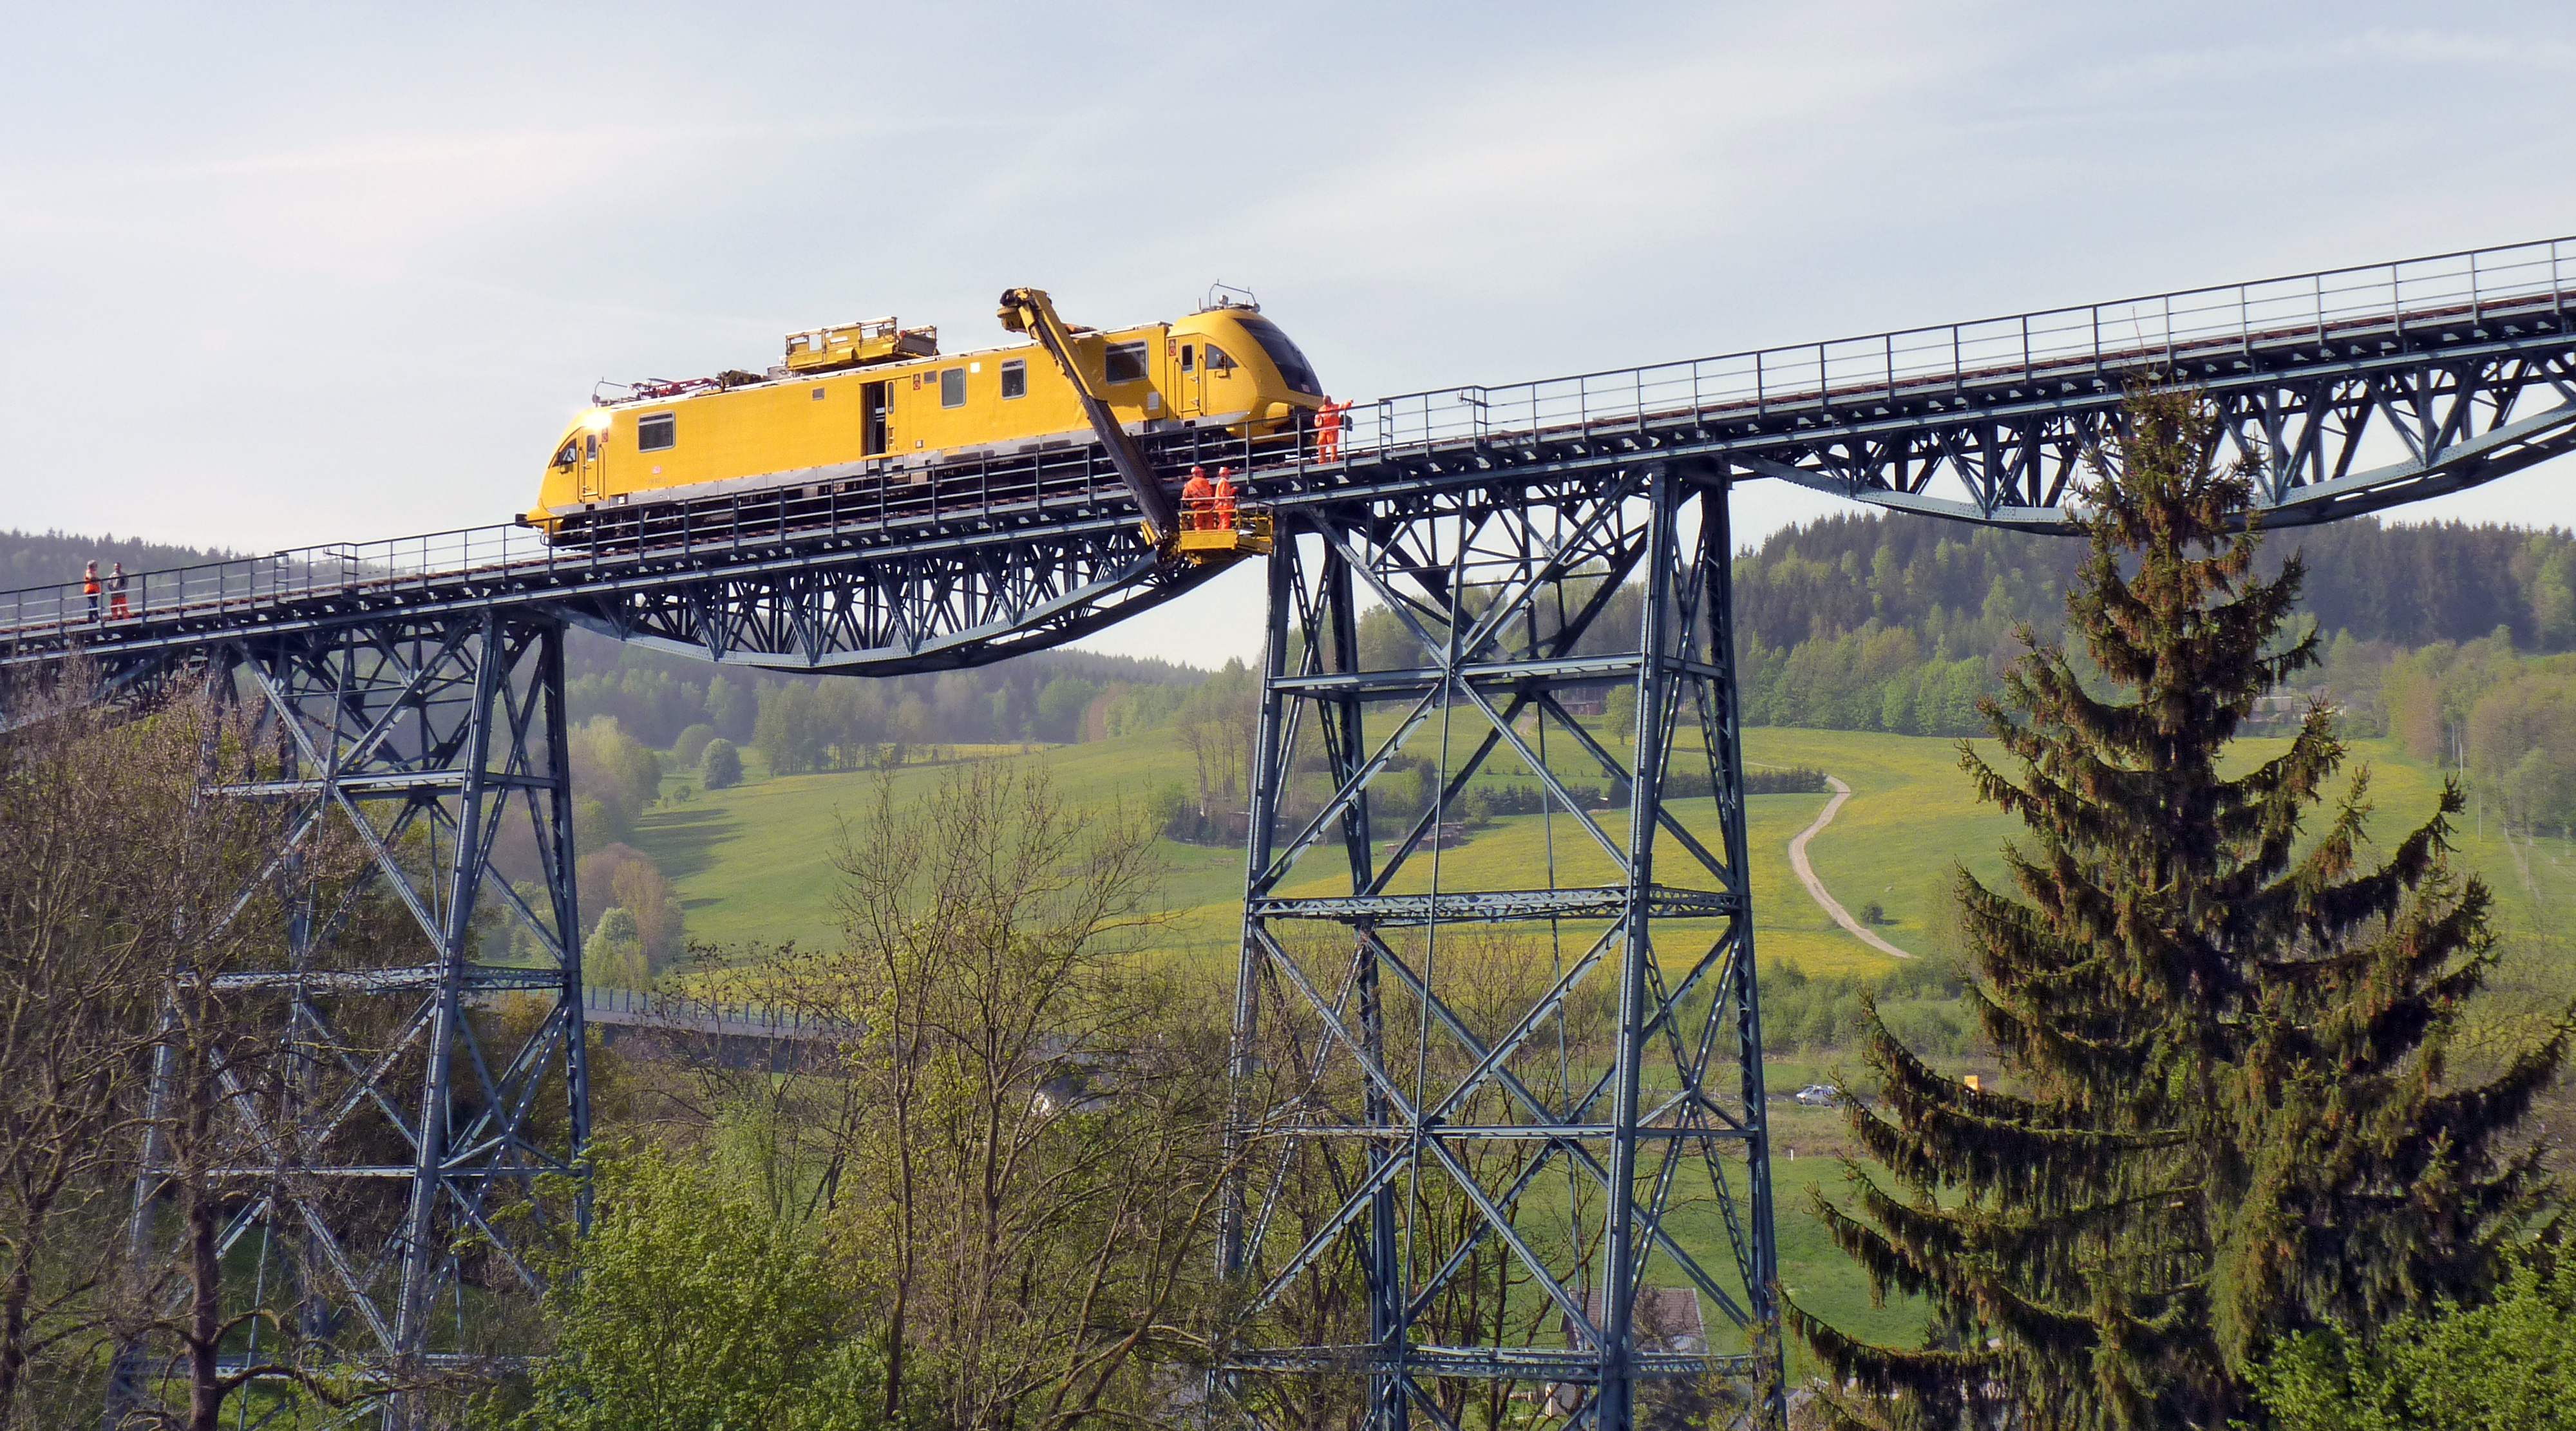 DB bridge renewal